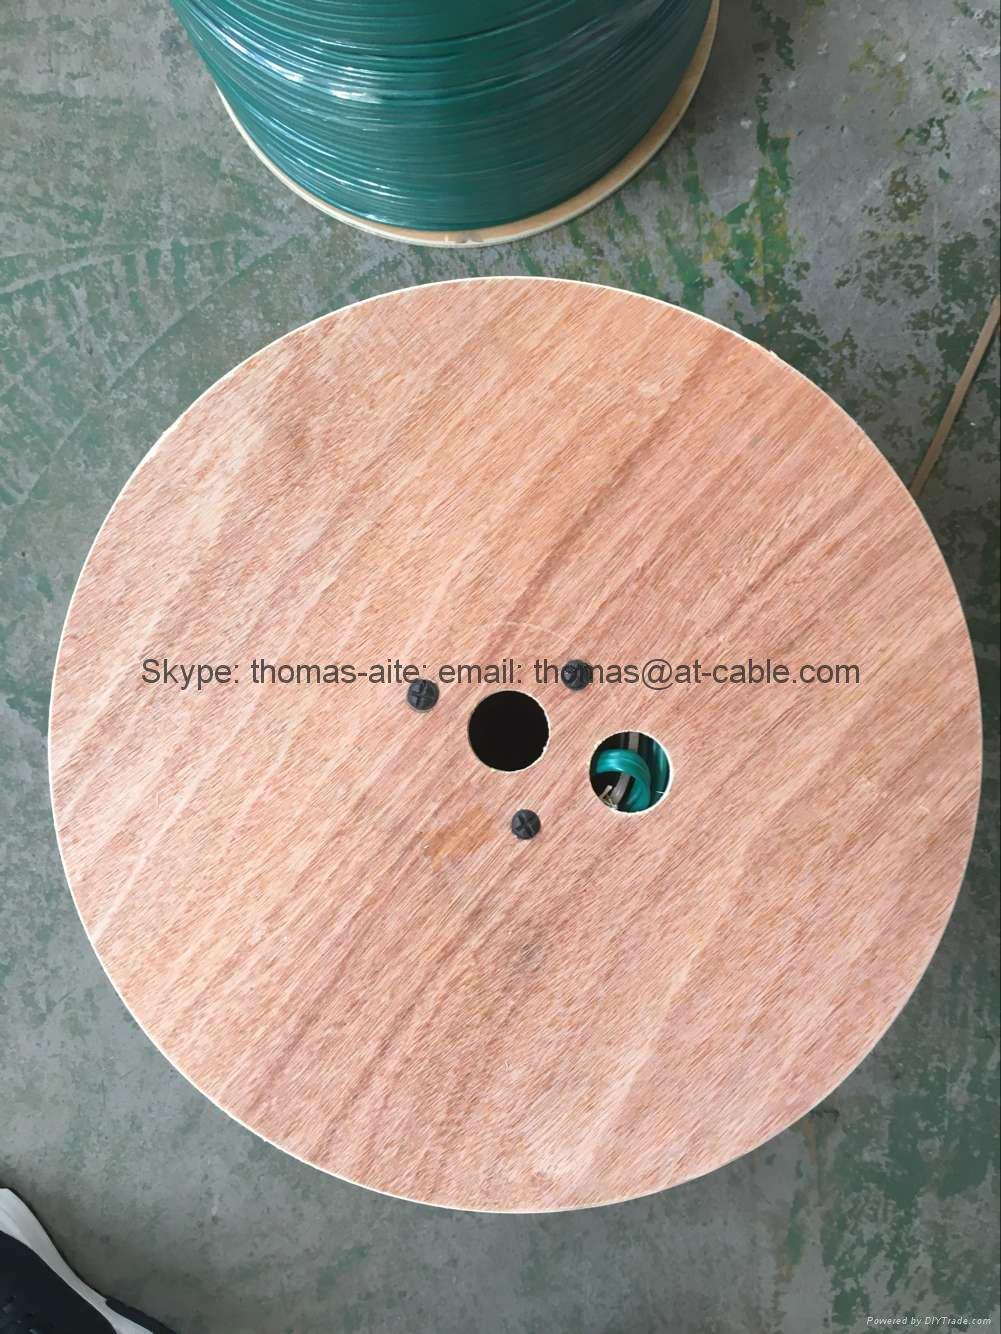 kx6+2c 500m wooden drum CCTV Cable